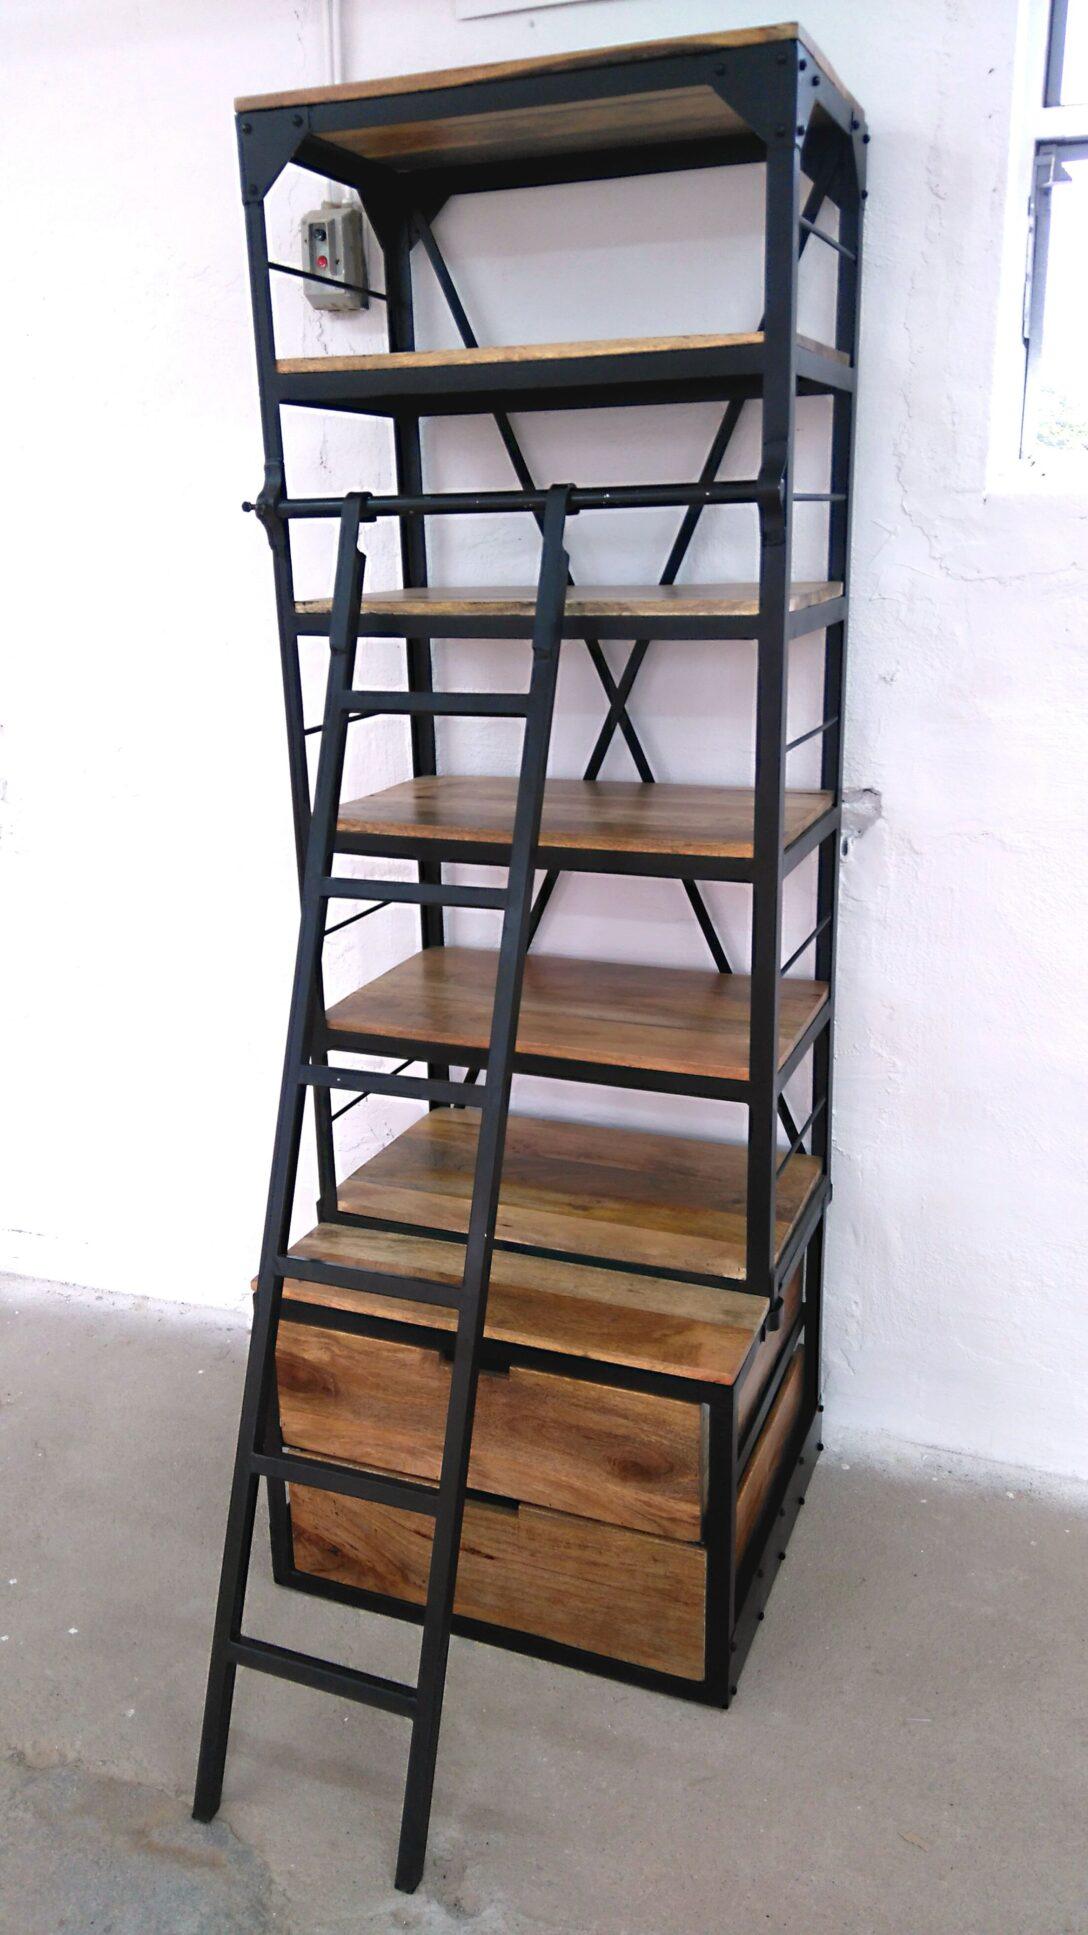 Large Size of Regal Leiter Metall Bcherregal Holz Mit Mango Schäfer Regale Tisch Kombination Schlafzimmer Für Kleidung Designer Kinderzimmer Kleine 60 Cm Breit Paternoster Regal Regal Leiter